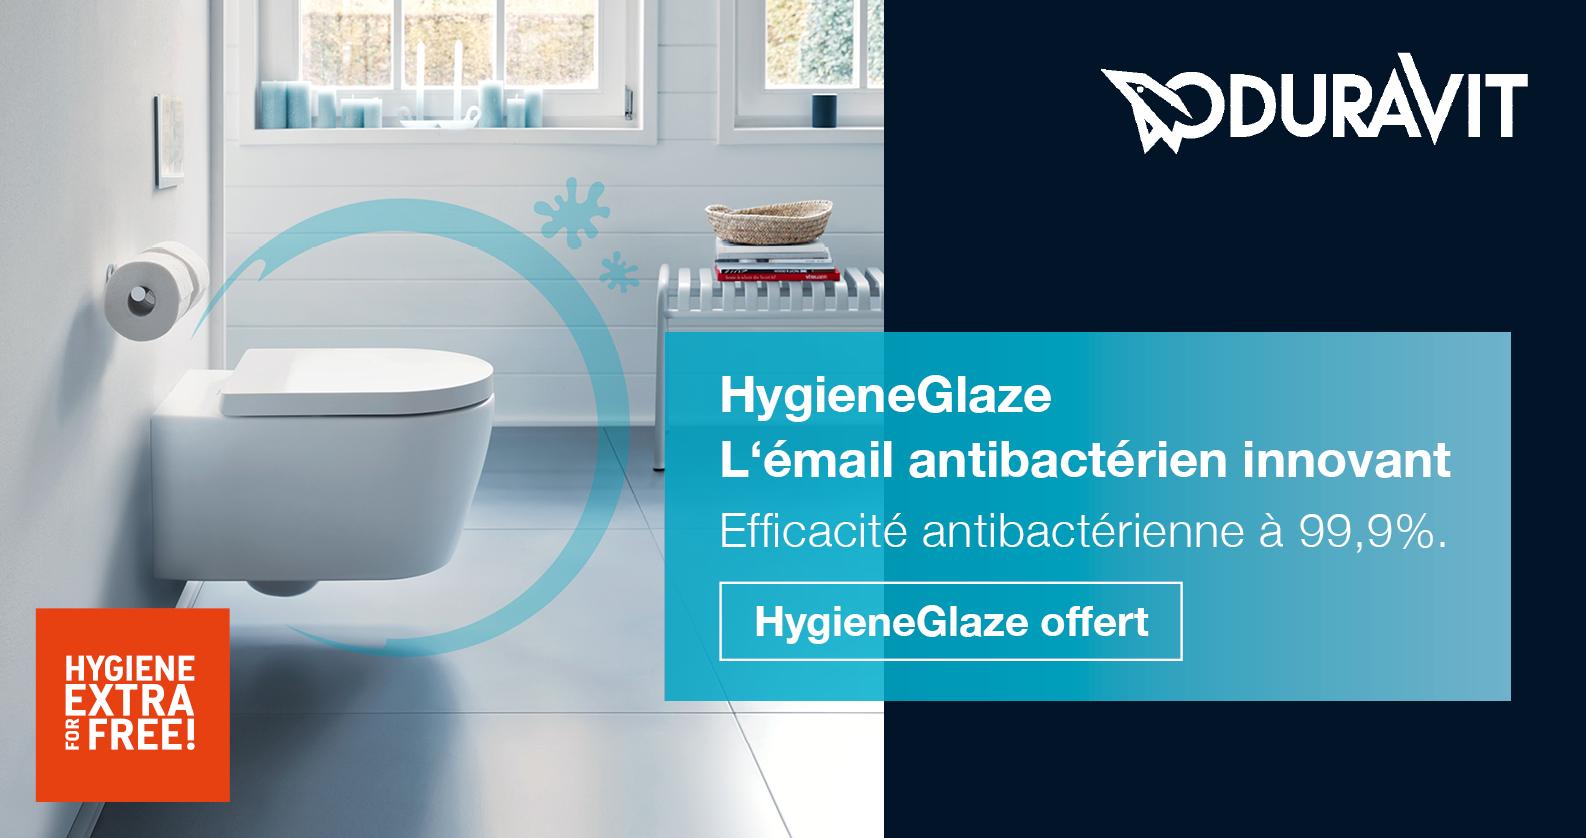 Duravit HygieneGlaze gratuit chez xTWOstore